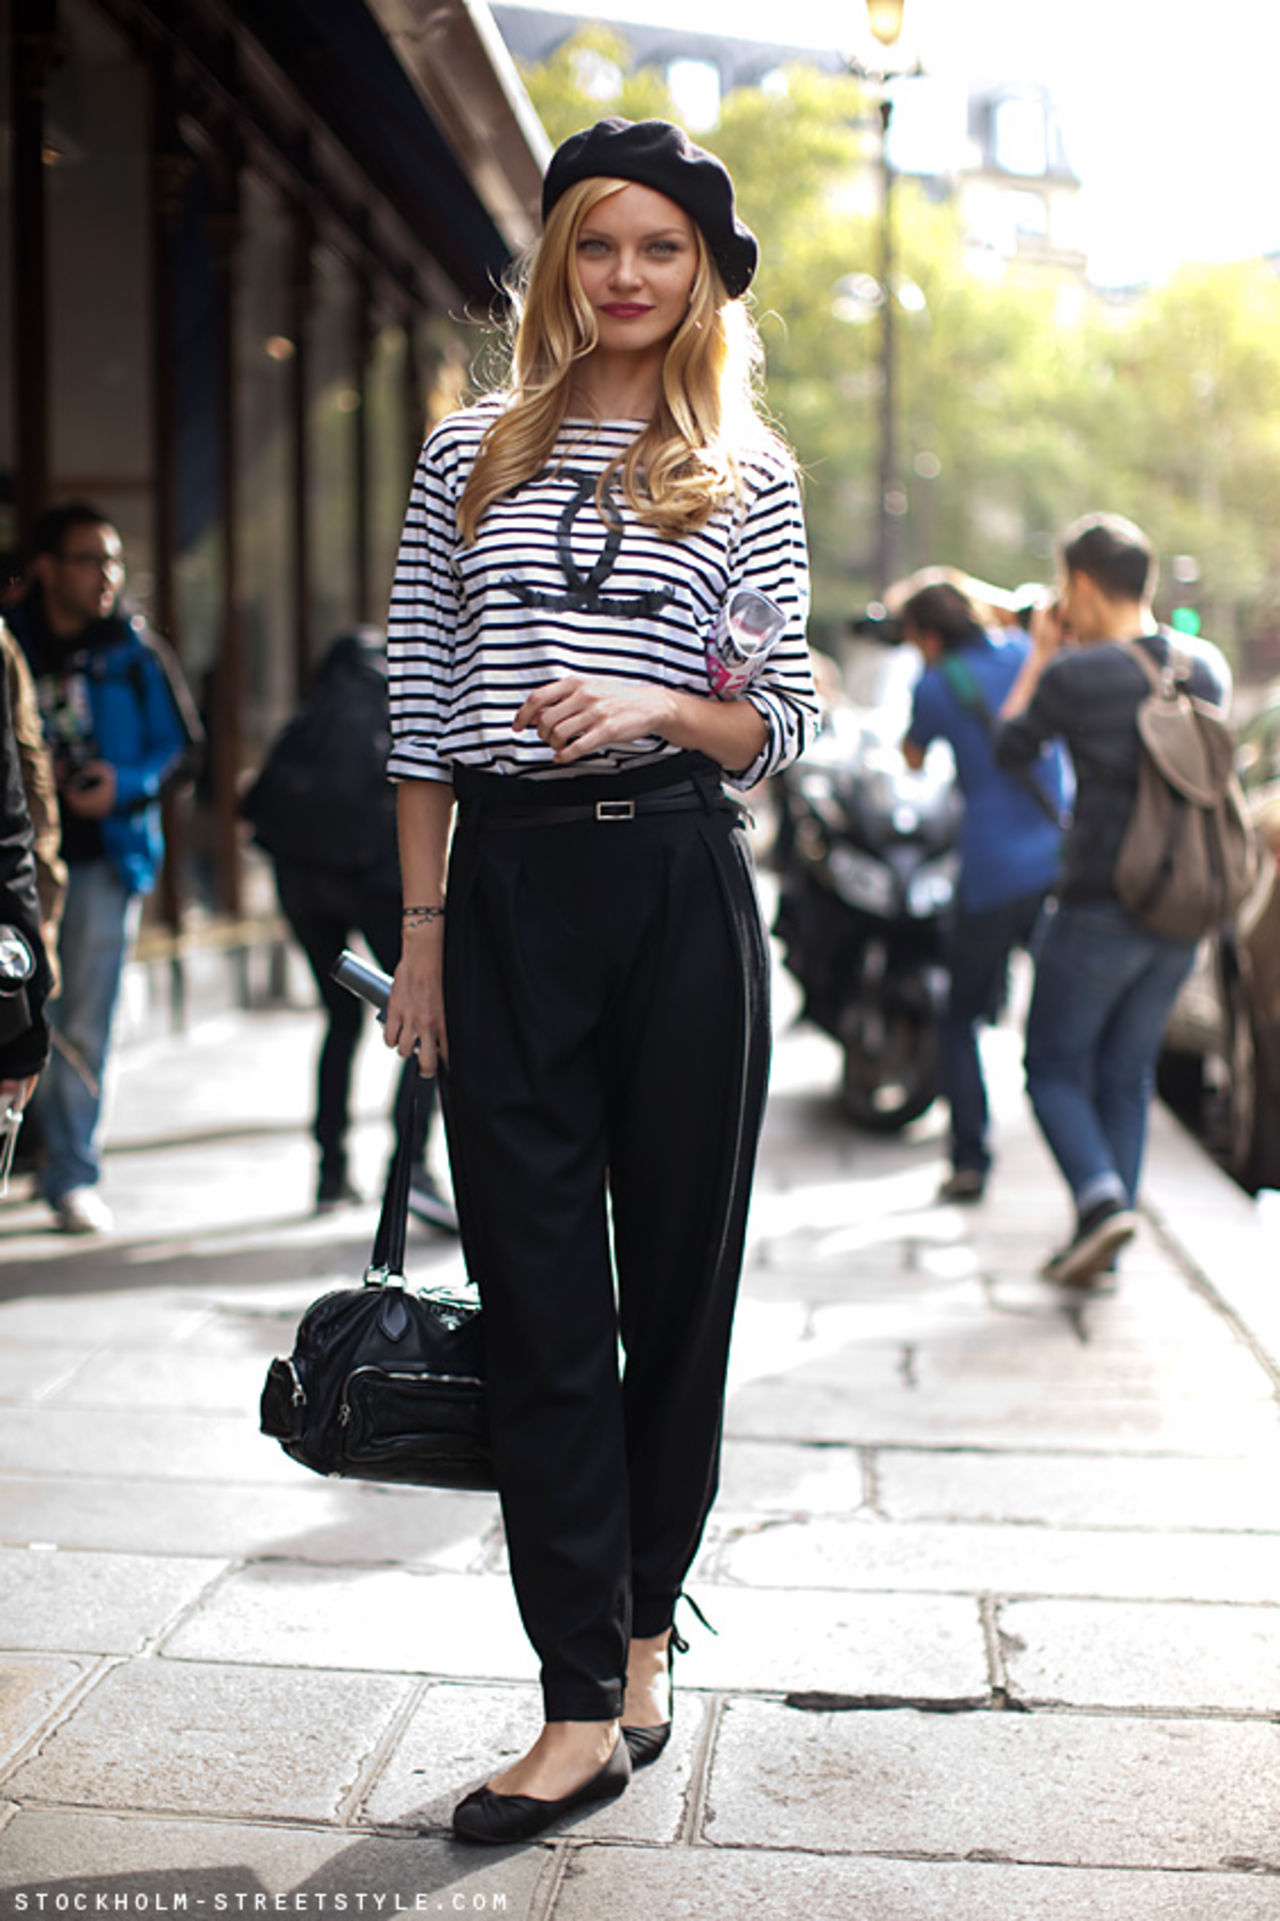 На фото: кофта с принтом в полоску и в черных брюках, сумкой и туфлях балетках.